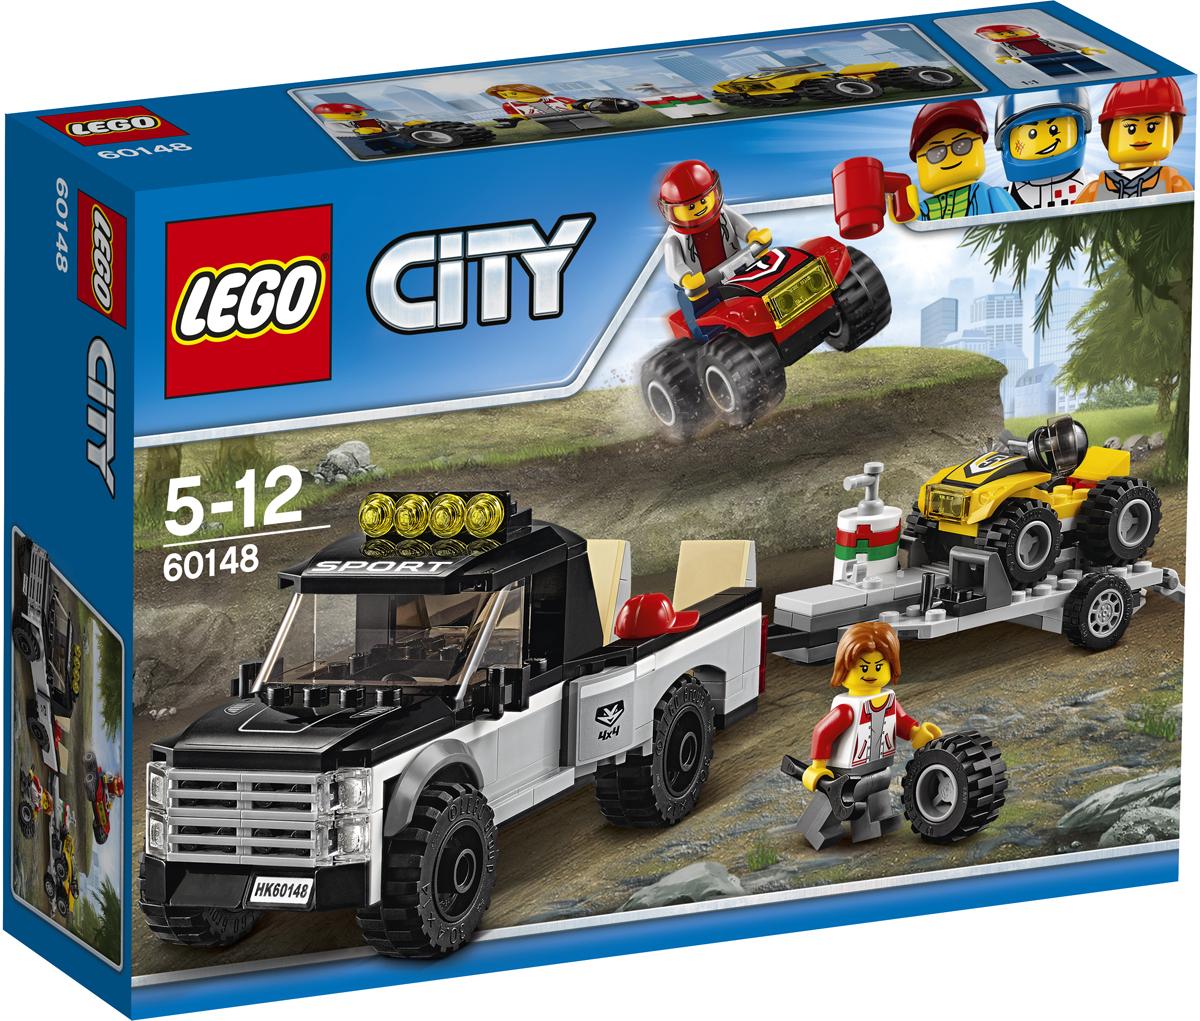 LEGO City Конструктор Гоночная команда 60148 lego city 60148 гоночная команда